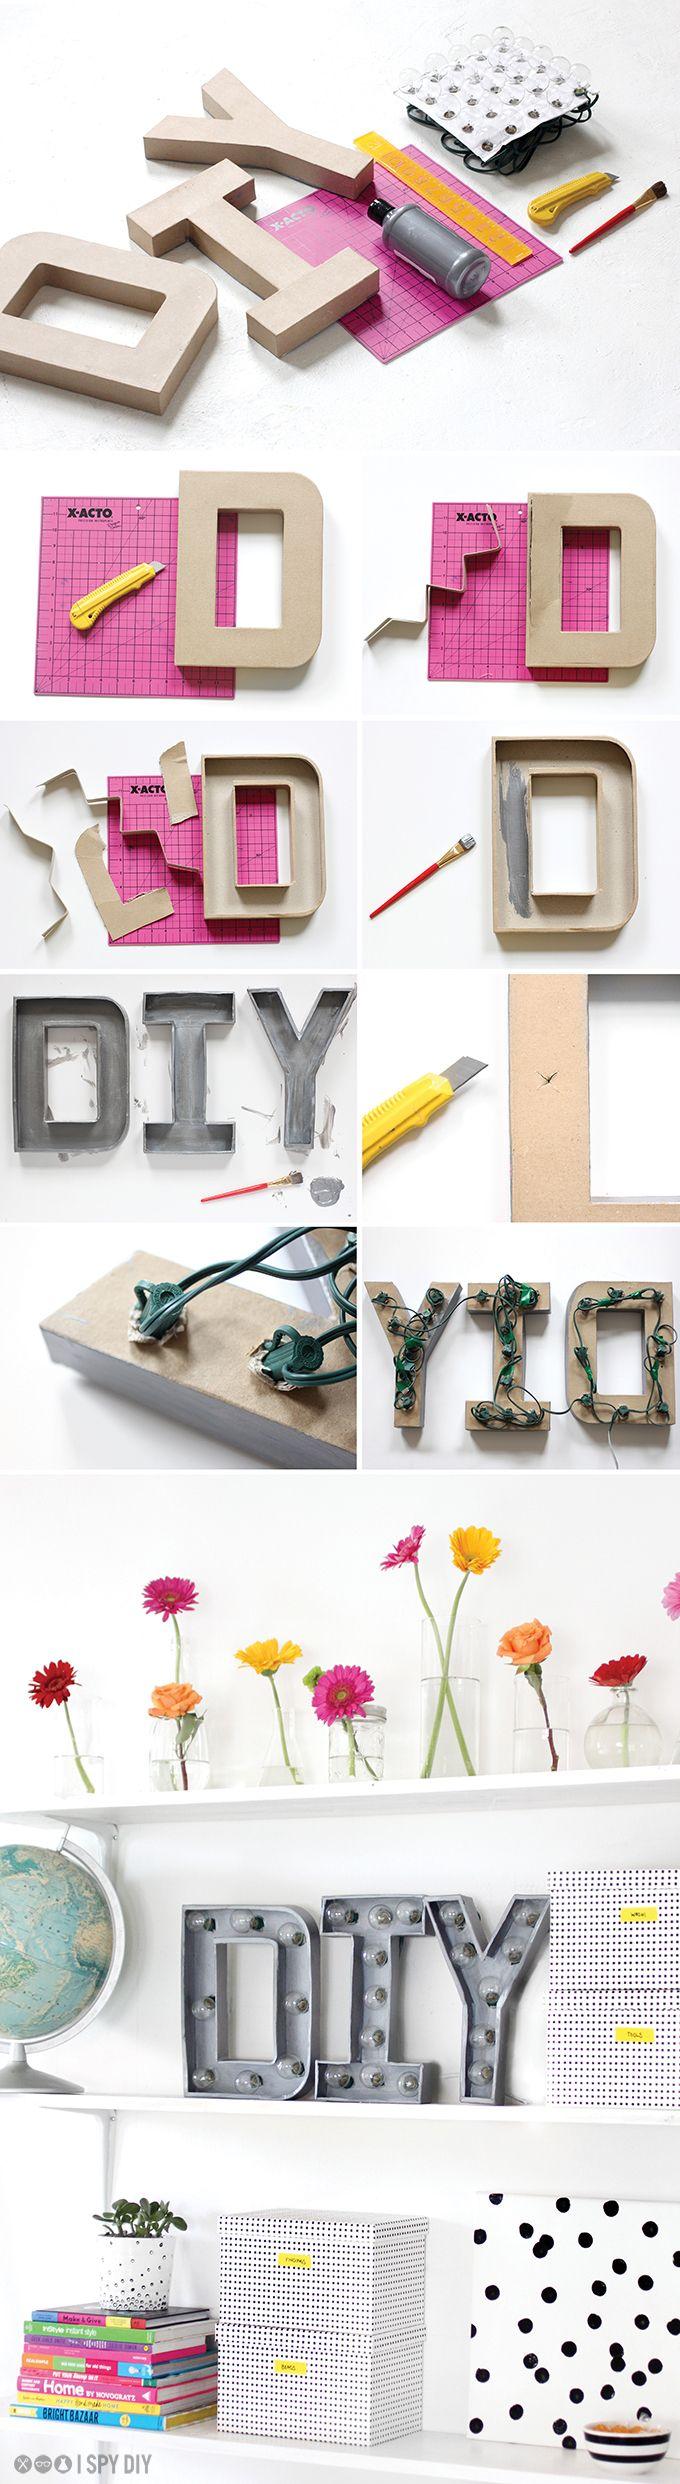 DIY Marquee Letters   Leuchtbuchstaben